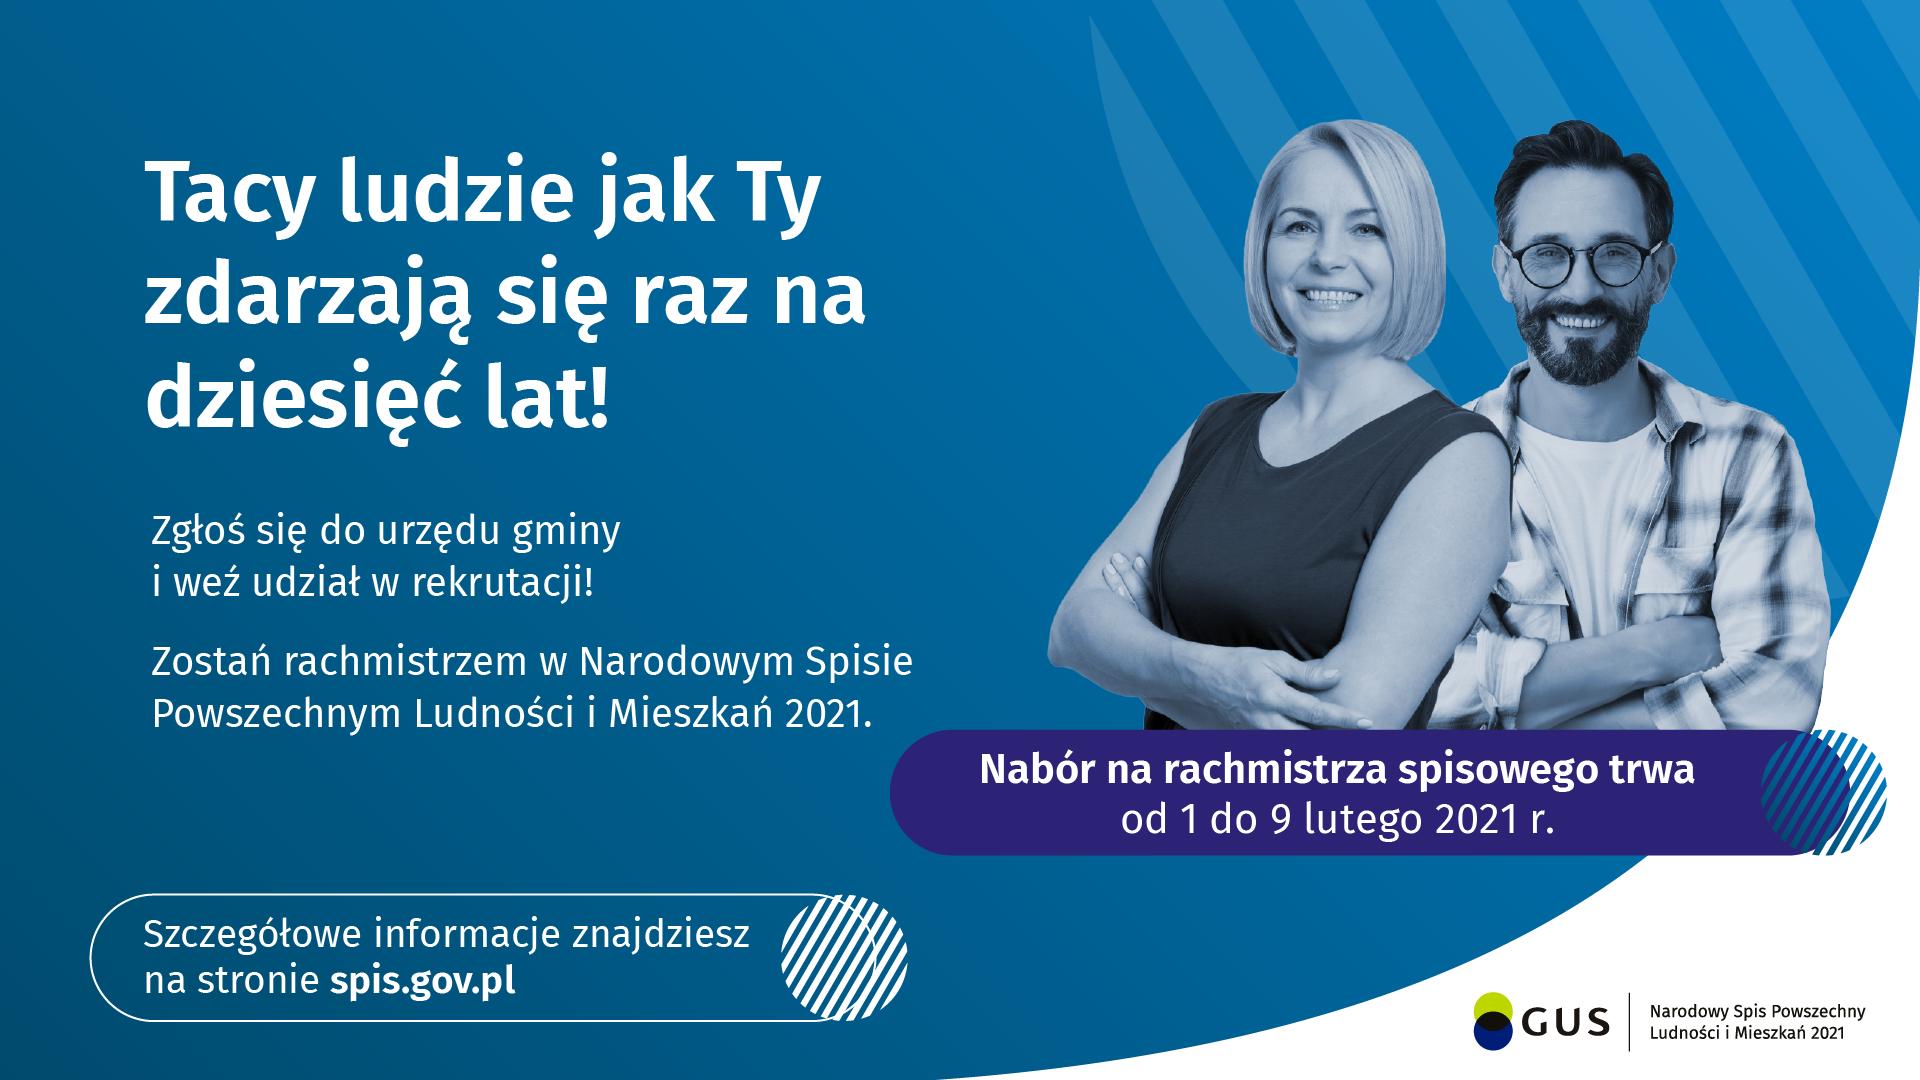 baner dotyczący naboru na rachmistrza spisowego w narodowym spisie powszechnym, który odbywa sie od 1 do 9 lutego 2021 roku